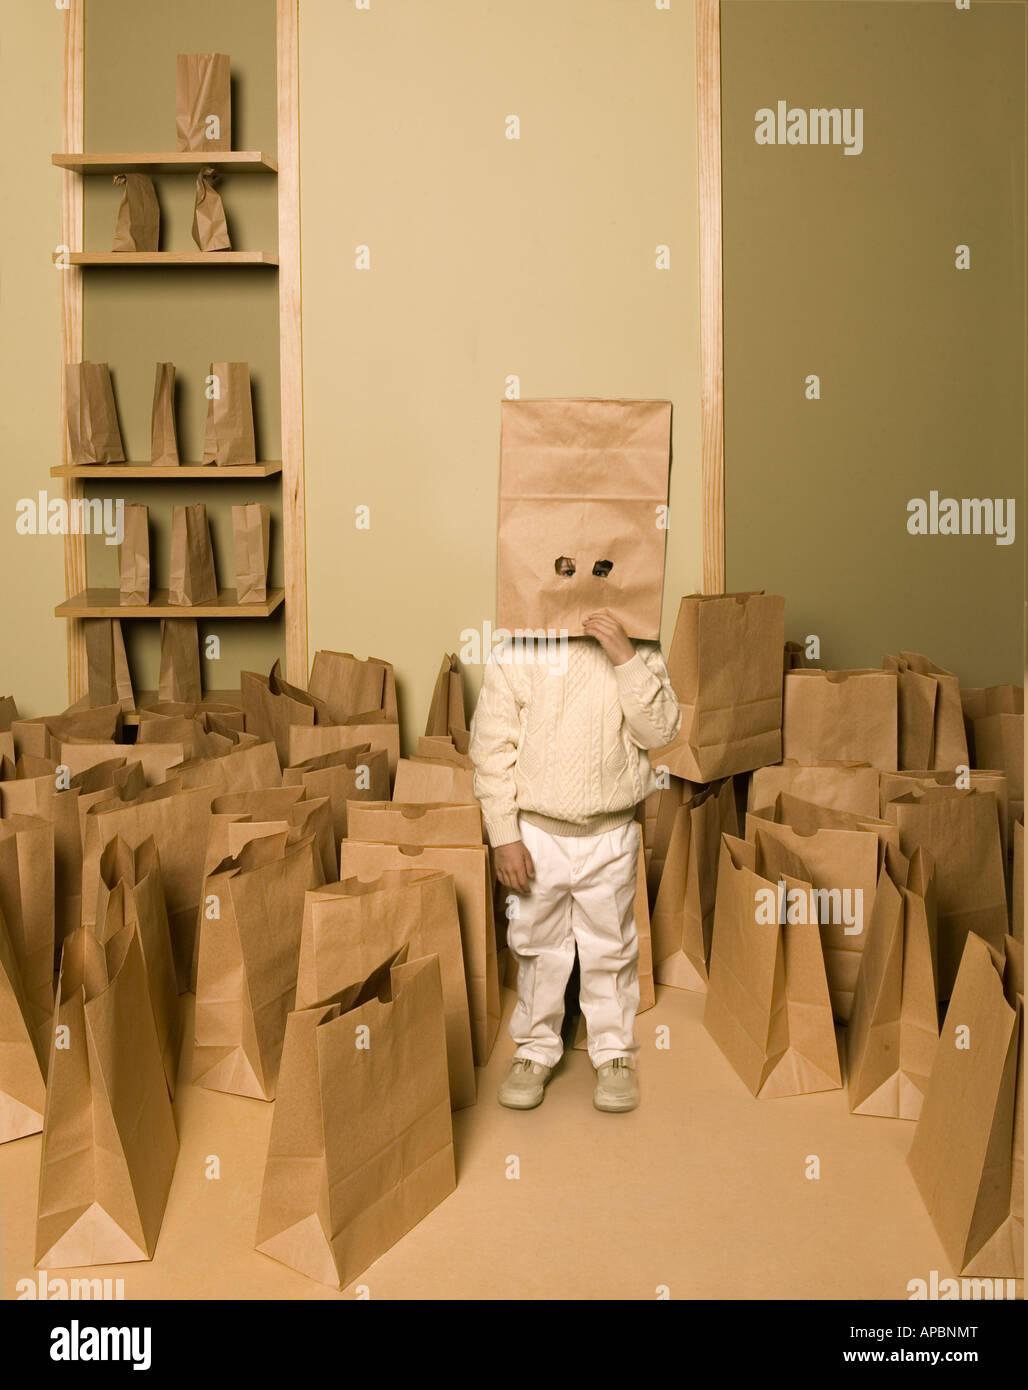 junges Kind steht unter mehreren Papiertüten mit Papiertüte auf dem Kopf mit ausgeschnittenen Augen als Stockbild